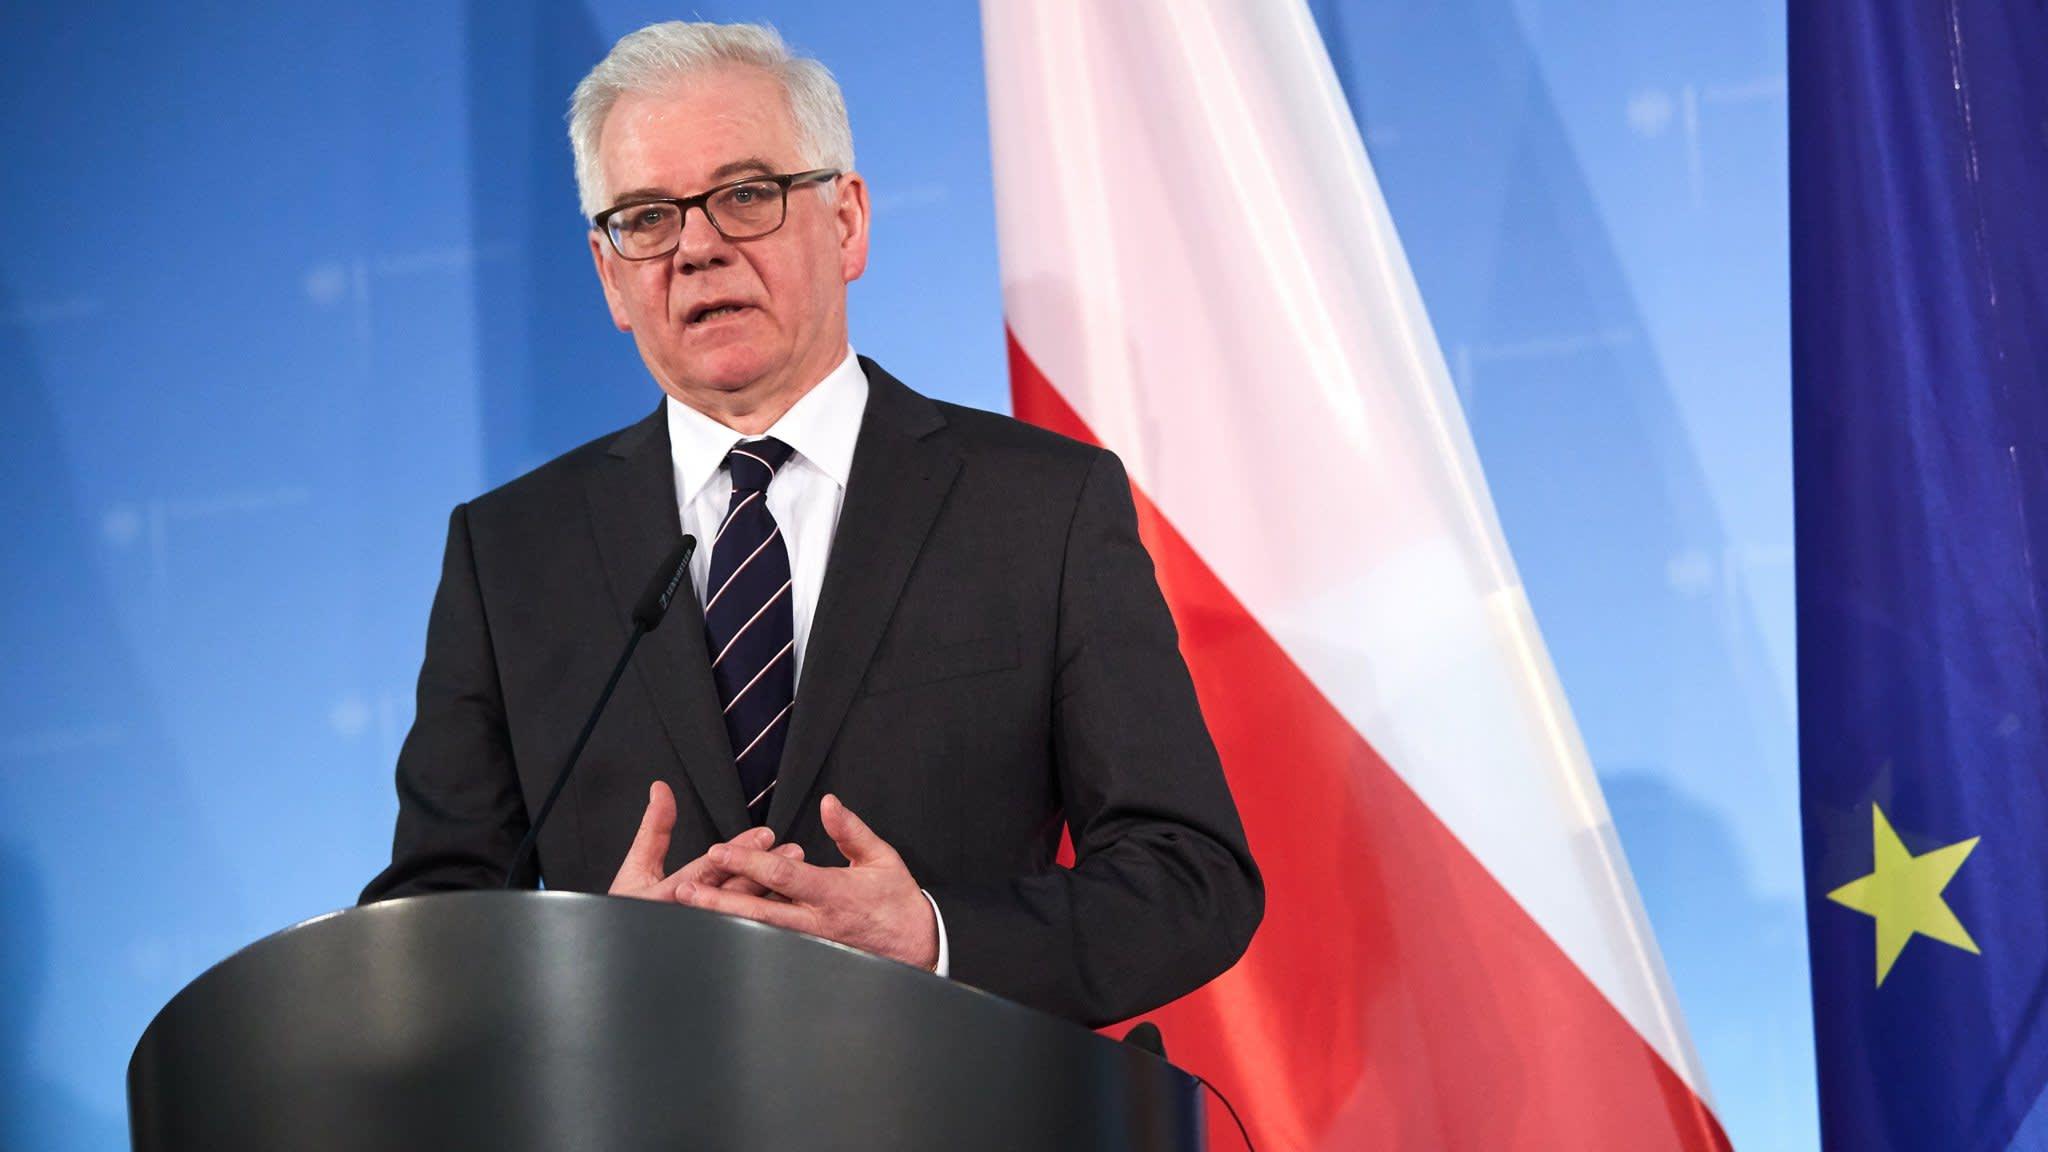 Poland refuses more concessions on judicial reform despite EU ire